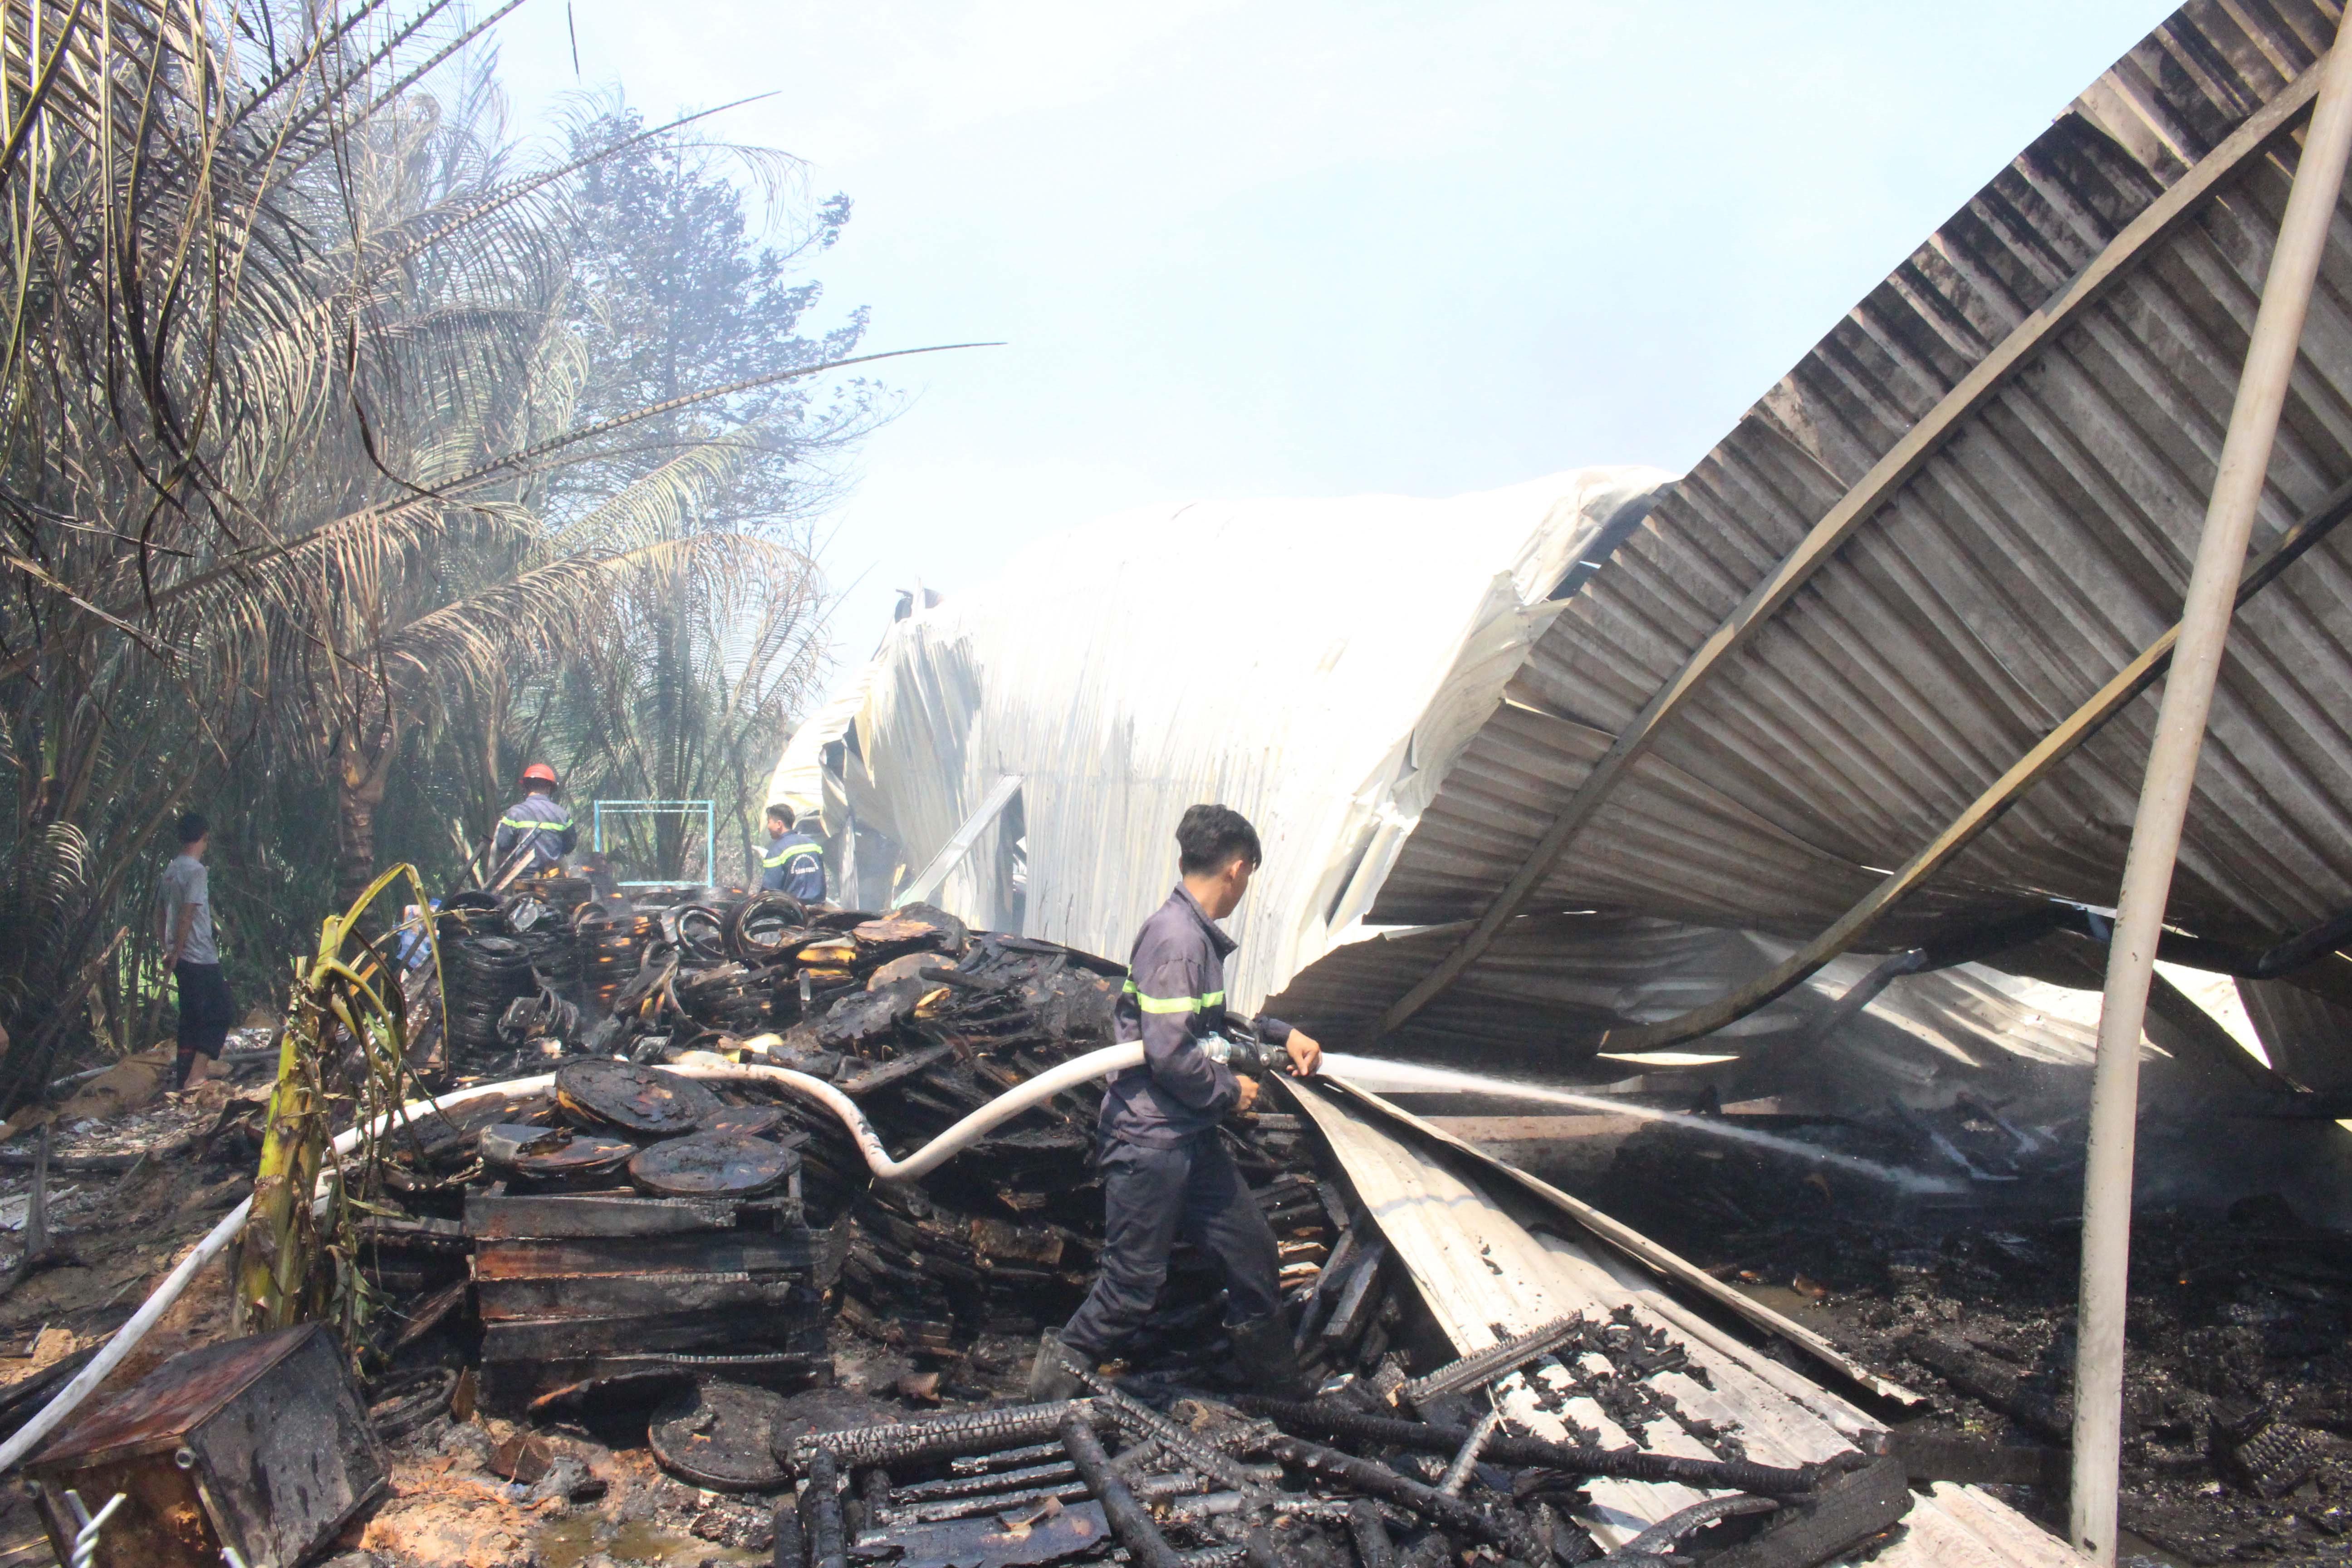 Hỏa hoạn thiêu rụi xưởng gỗ rộng cả ngàn mét vuông trong khu dân cư Ảnh 3